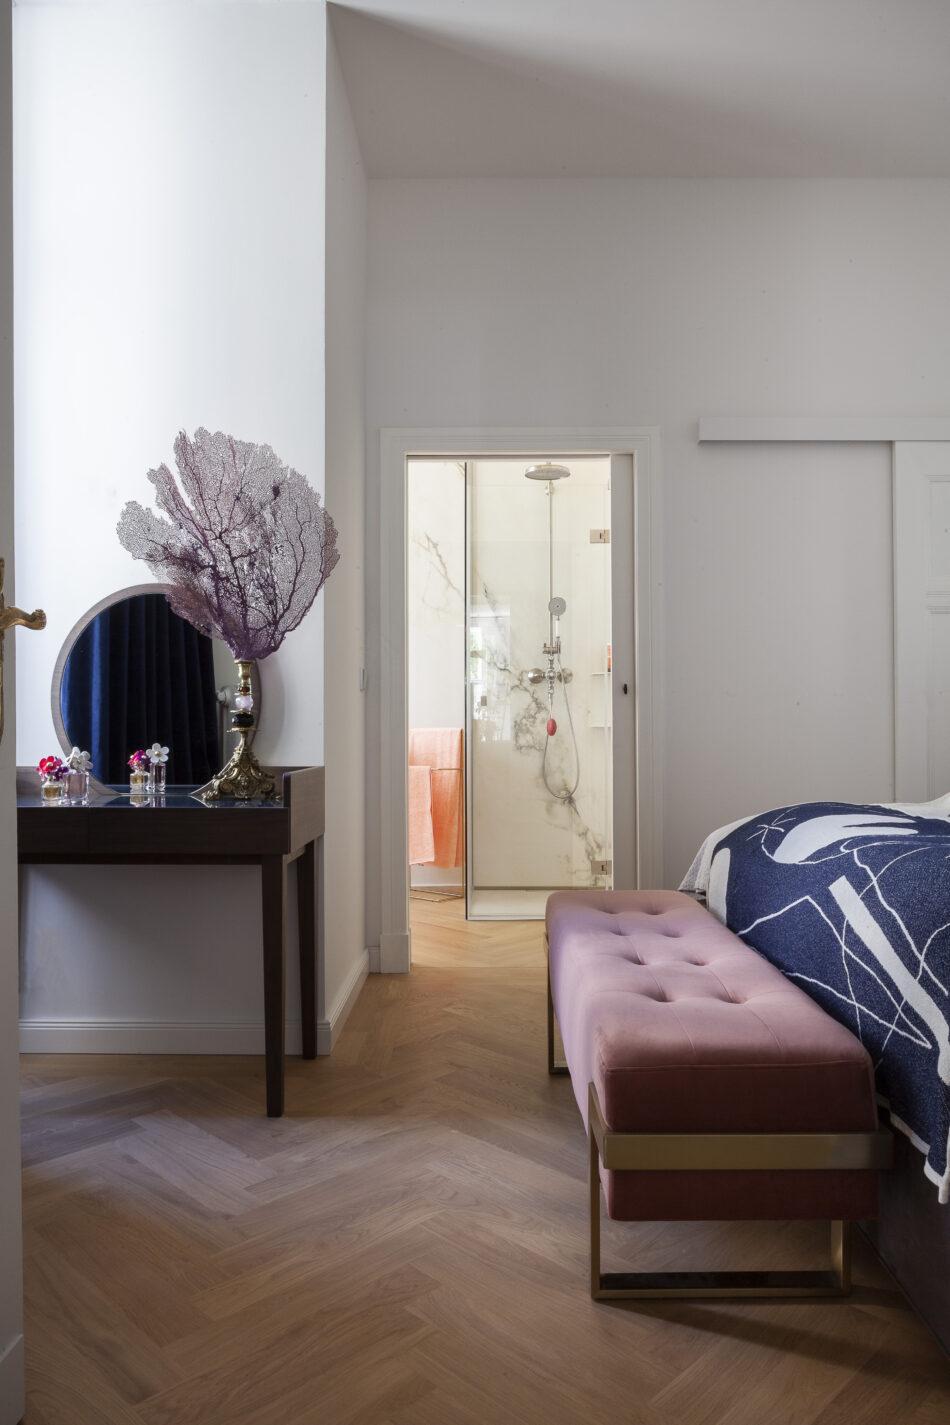 Antonius Schimmelbusch_Apartment_Berlin_Anne-Catherine Scoffoni_privat_03